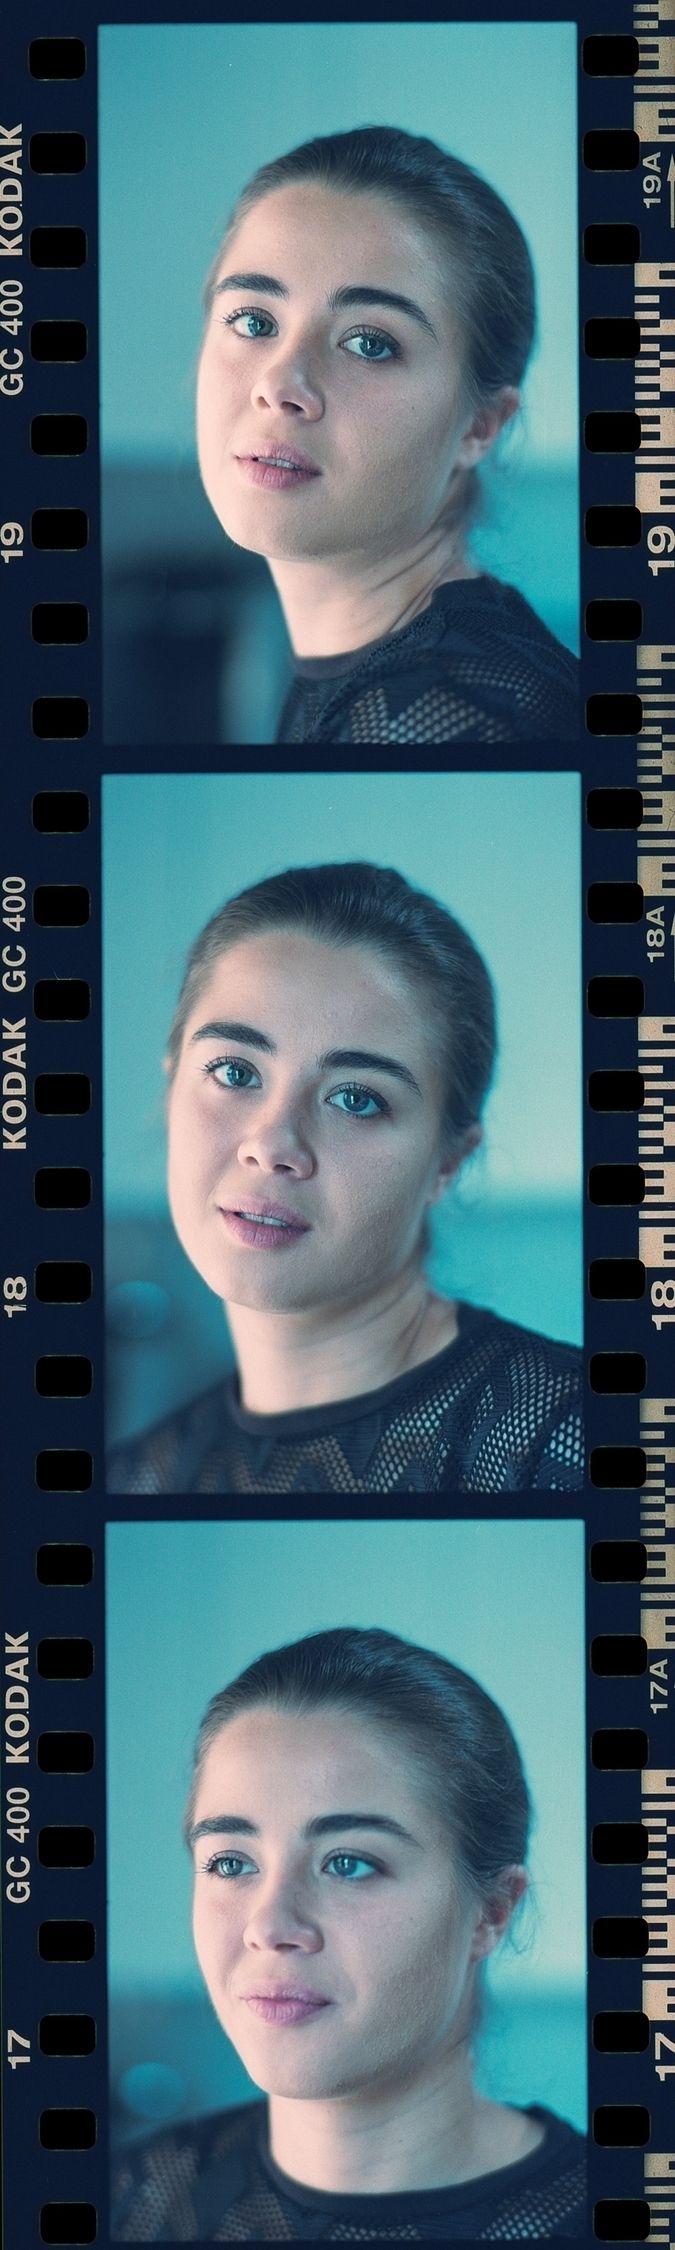 Anastasia, 35mm film.  - 35mmfilm - hullisbeautiful | ello